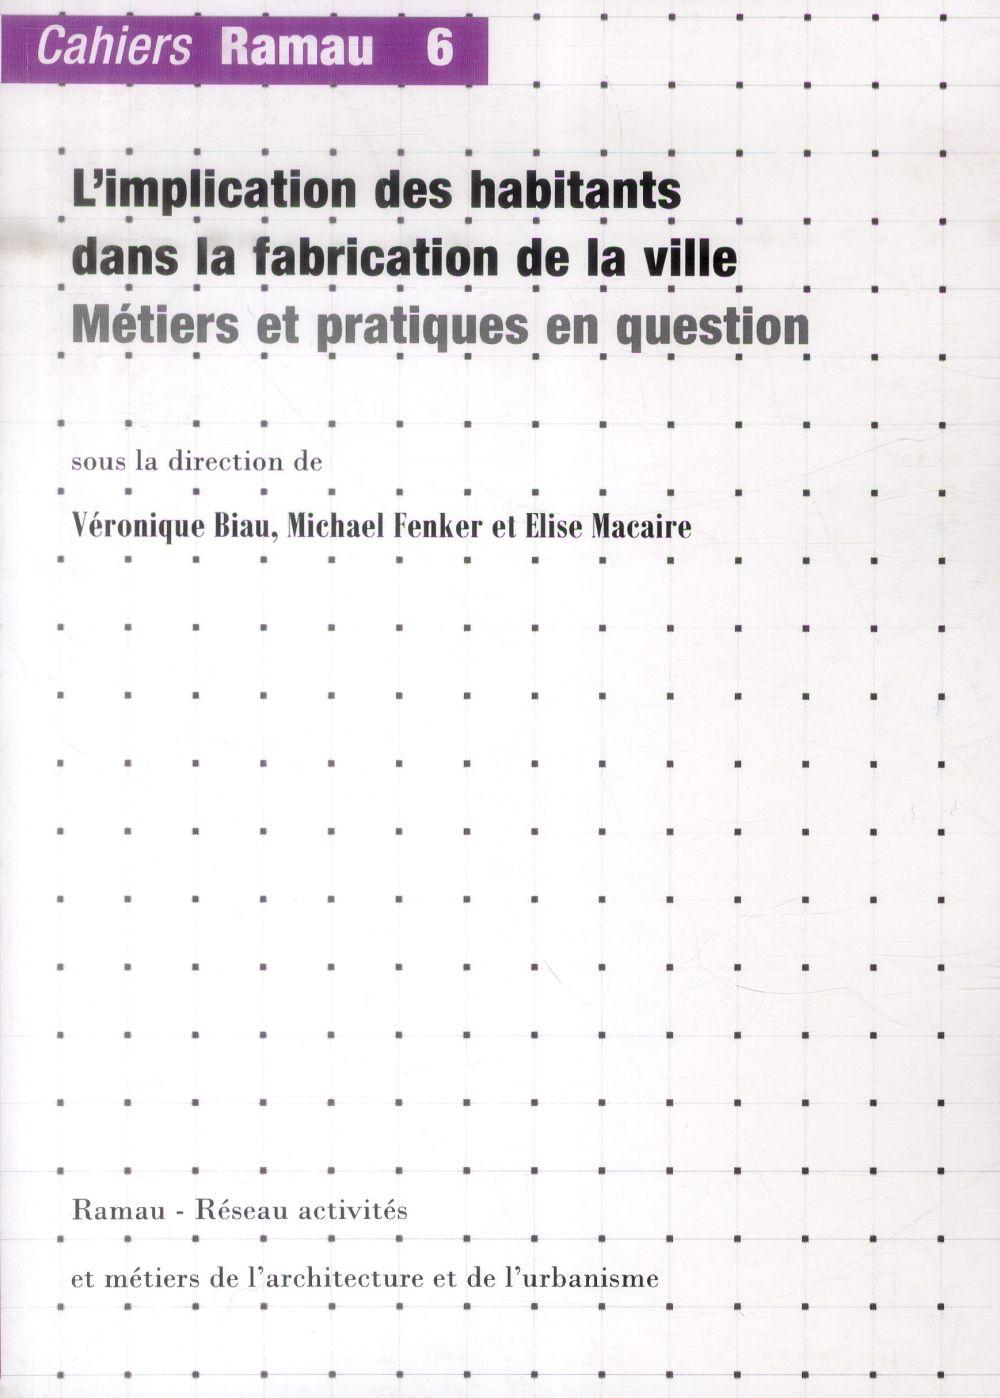 RAMAU 6, L'IMPLICATION DES HABITANTS DANS LA FABRICATION DE LA VILLE. METIERS ET PRATIQUES EN QUESTI